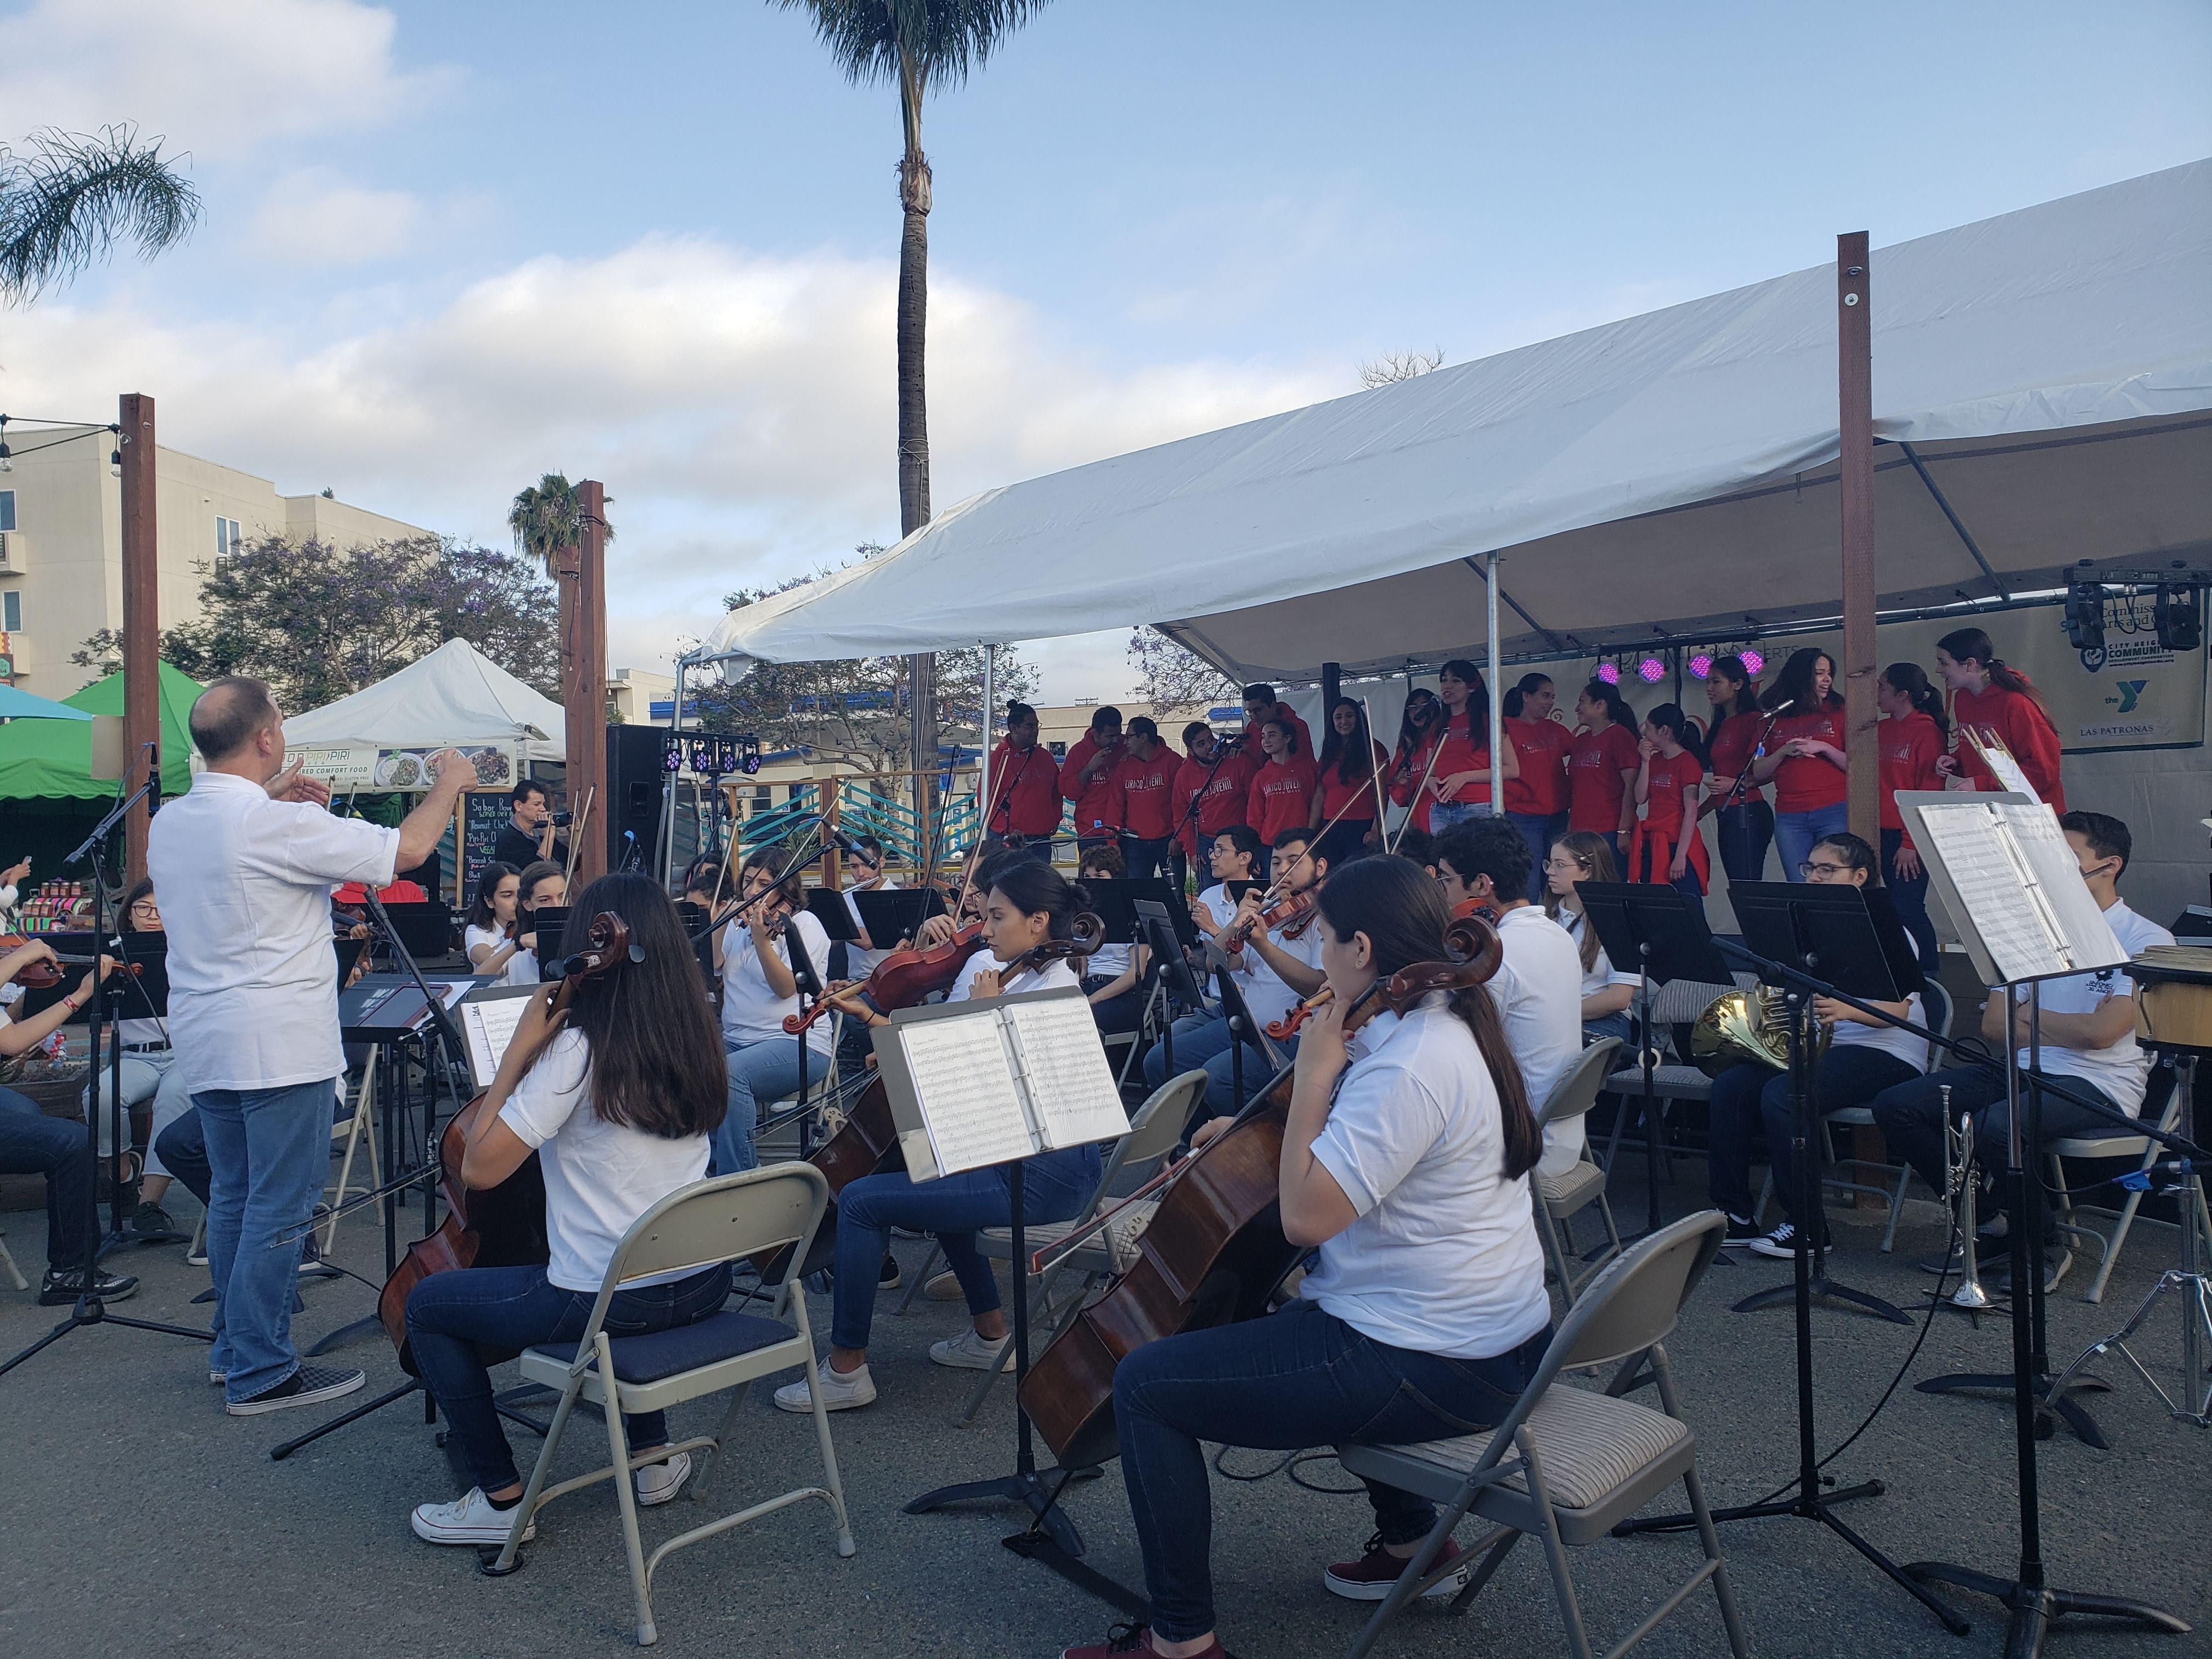 Opera de TJ Youth Orchestra & Choir